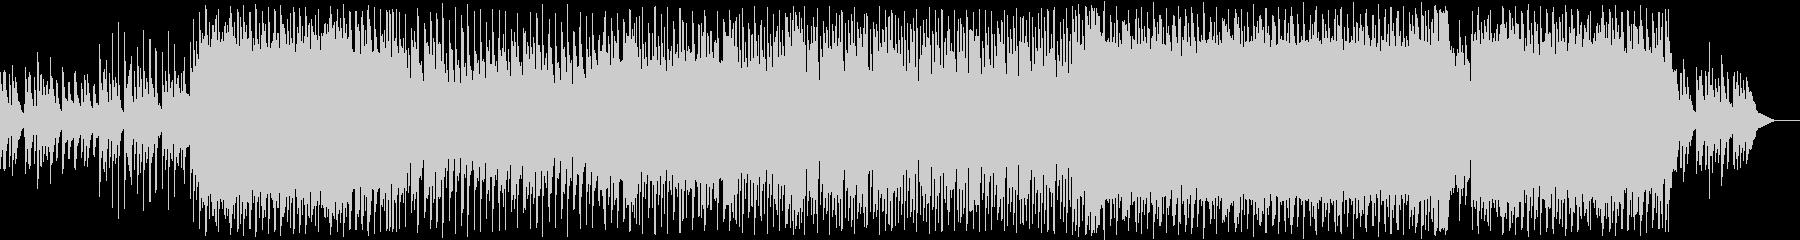 キッズ動画のエンドカードに合う優しい曲の未再生の波形